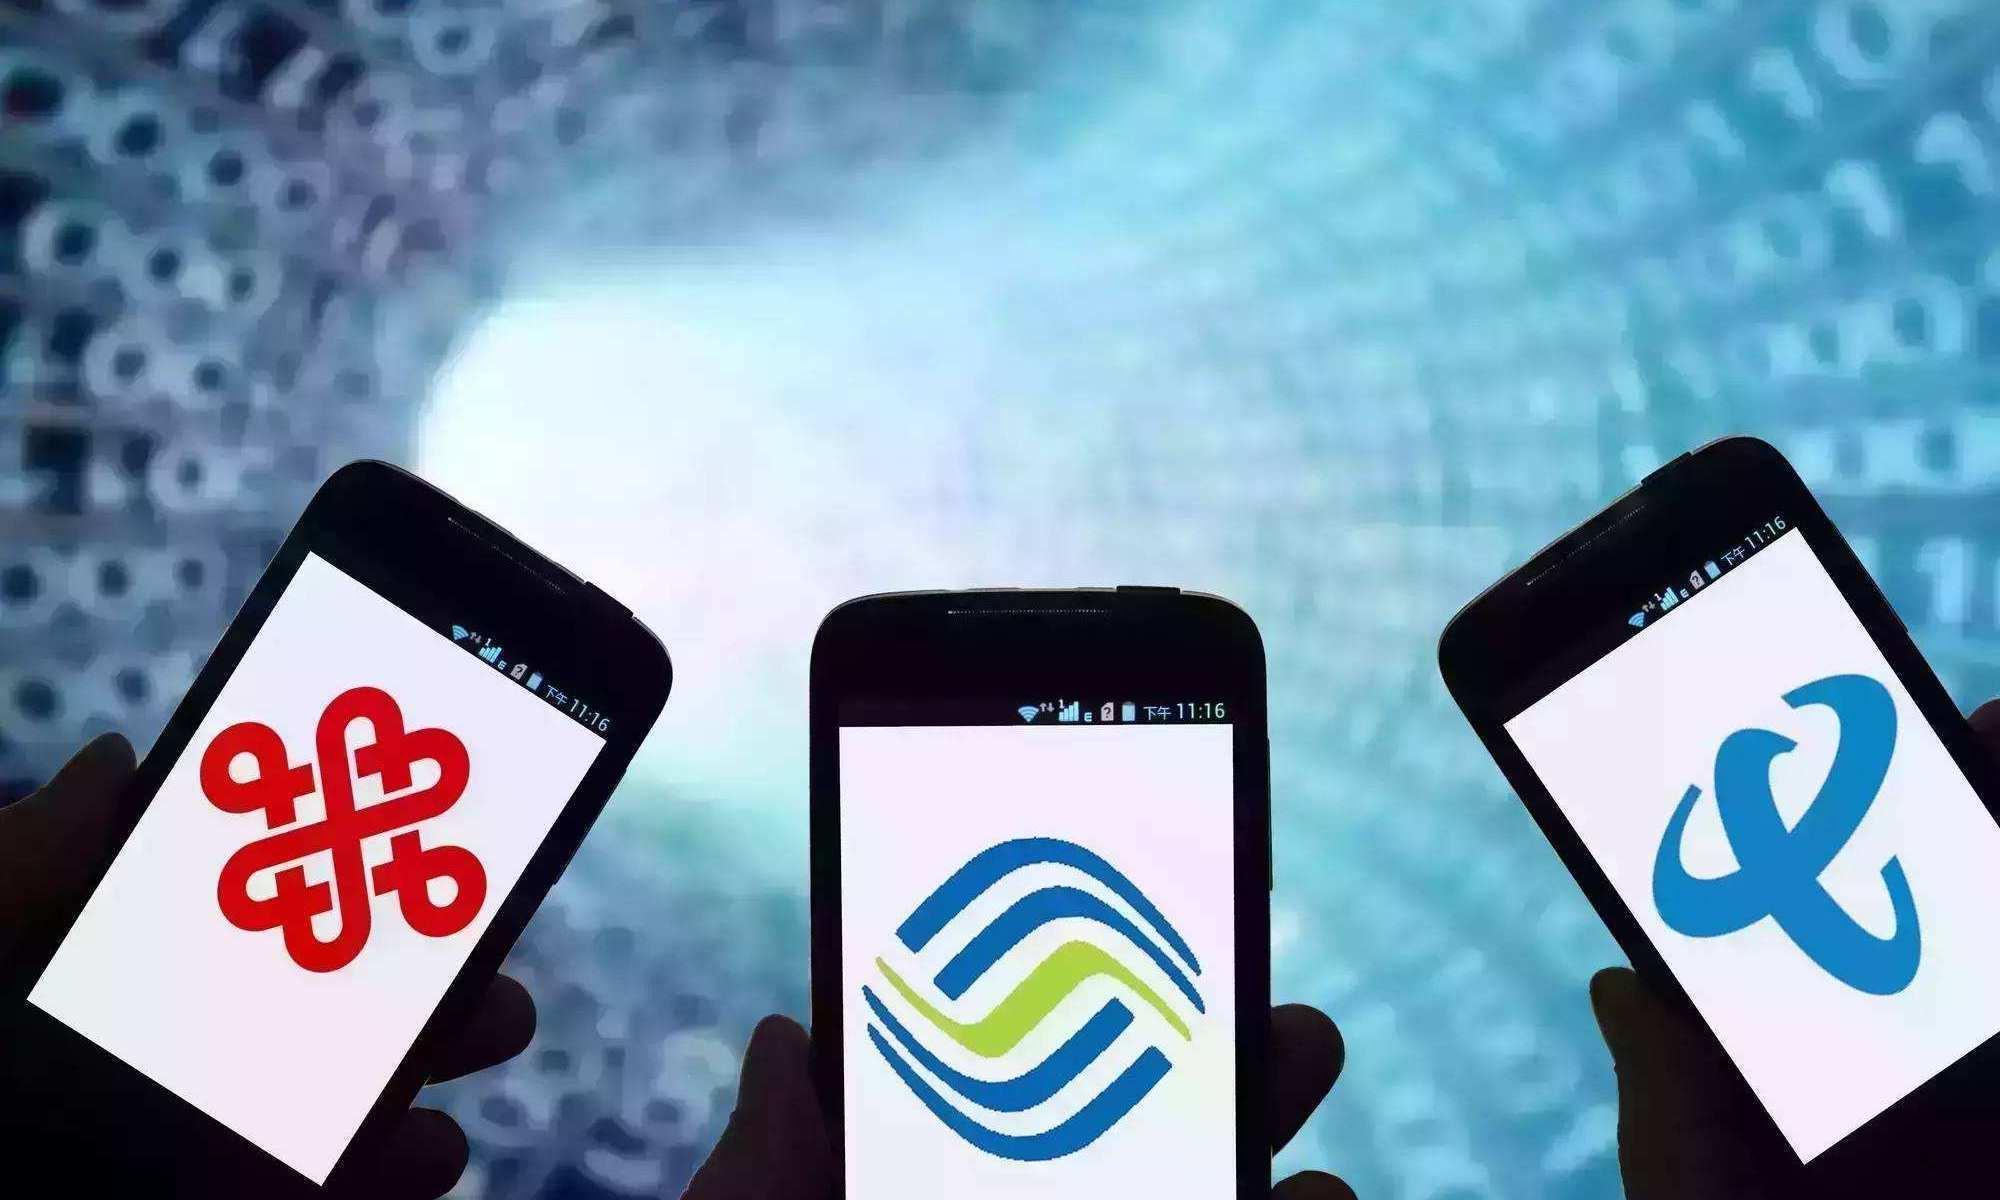 三大运营商酝酿5G计费模式 取消不限流量套餐呼声高